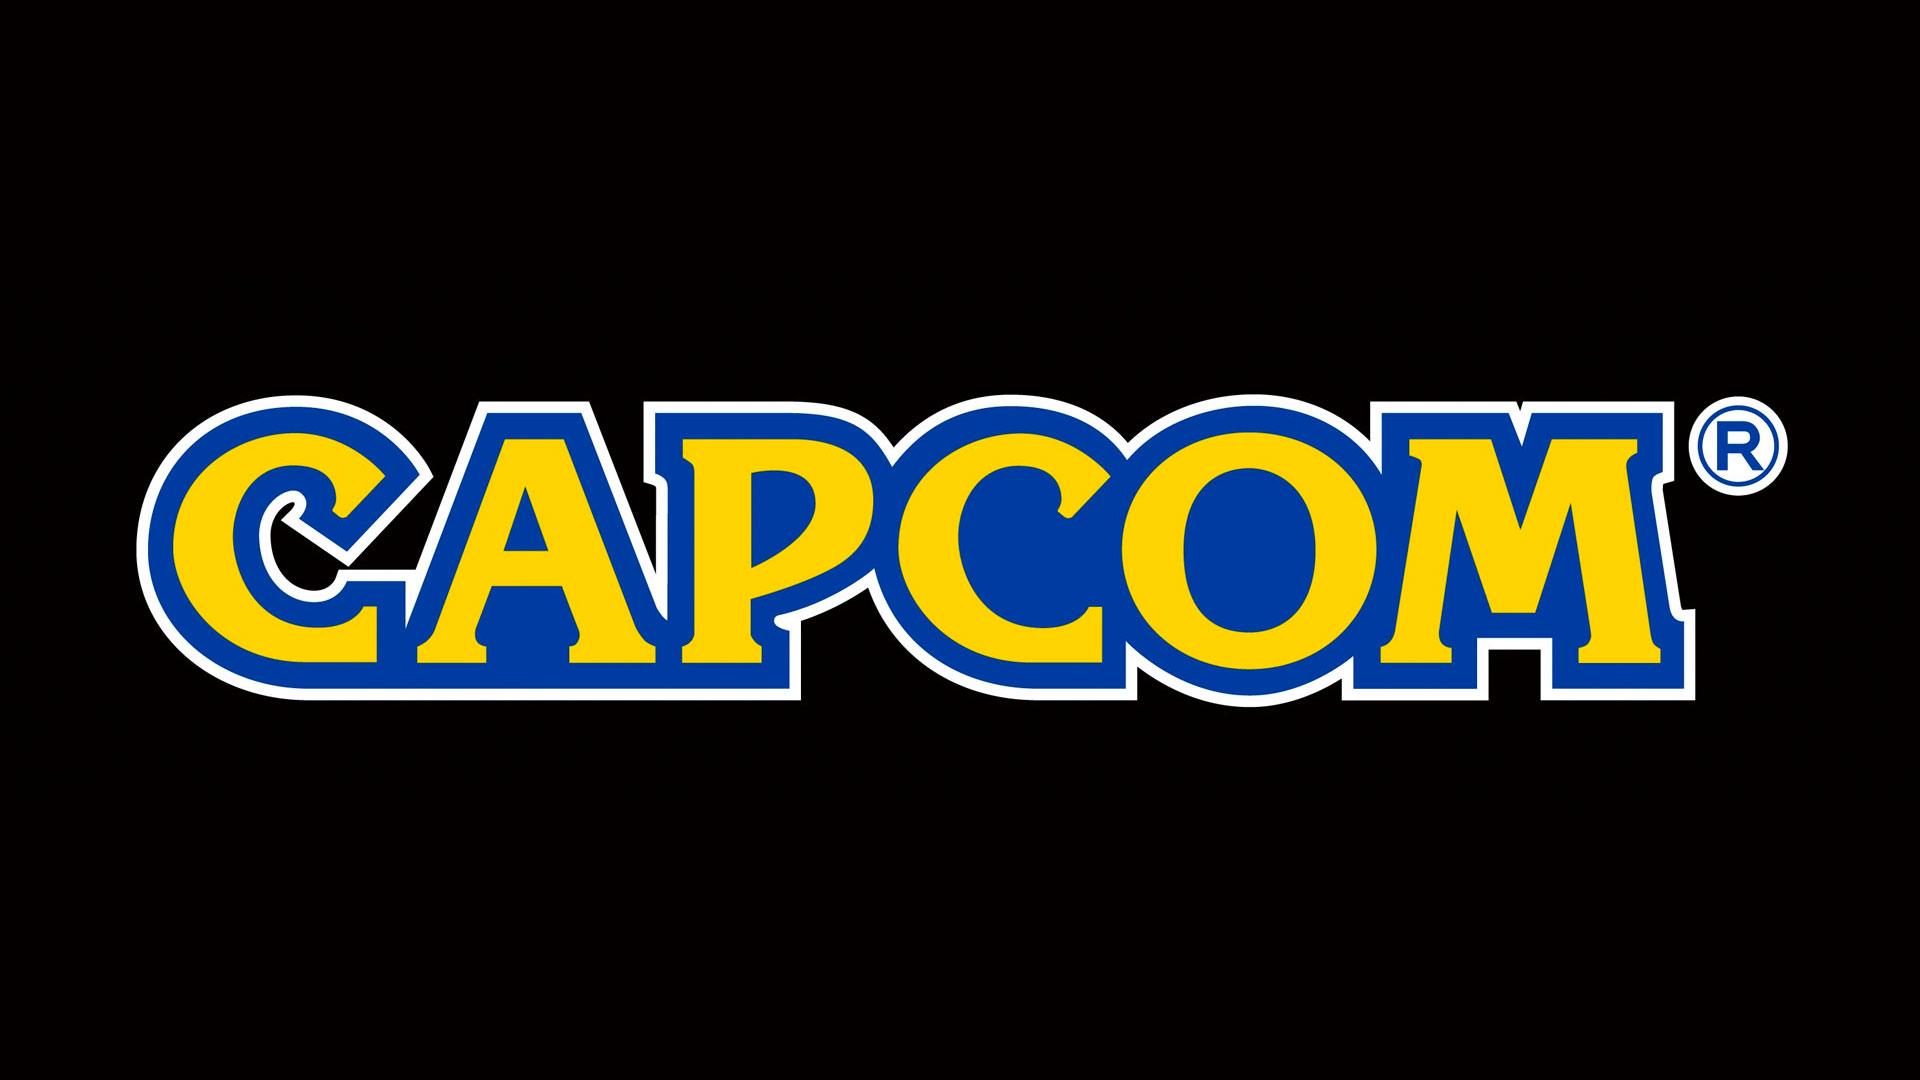 Capcom E3 2021 Showcase Announced